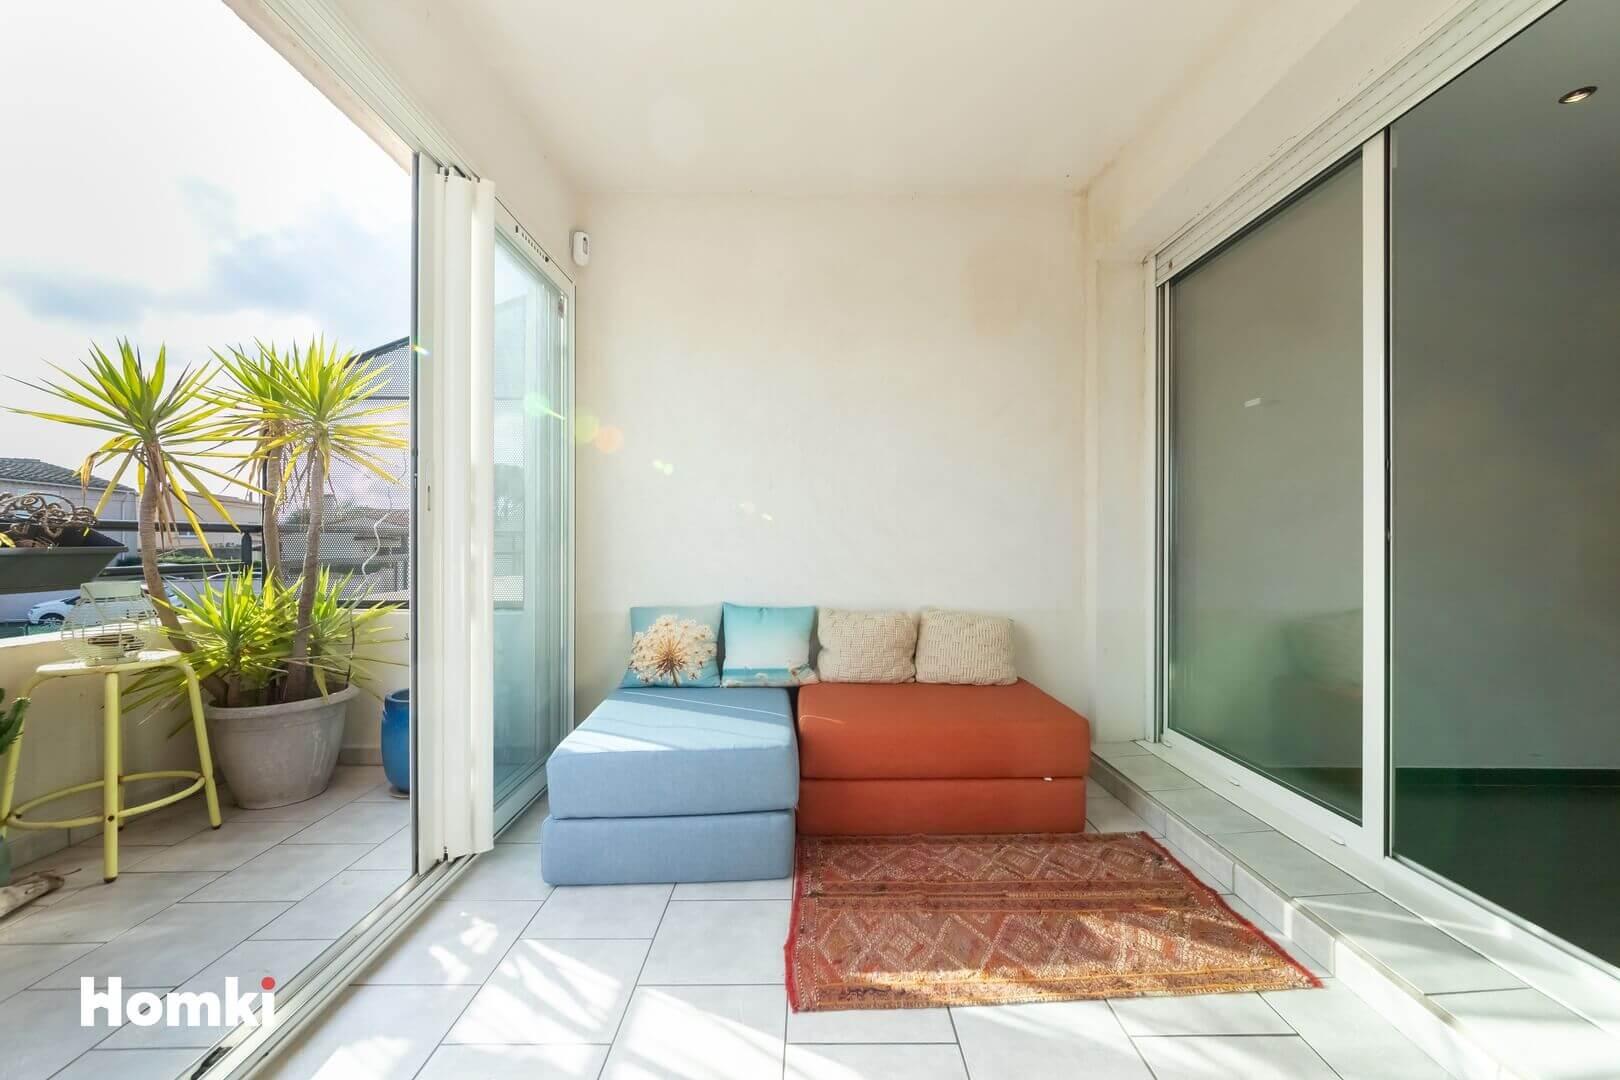 Homki - Vente Appartement  de 70.0 m² à Istres 13800